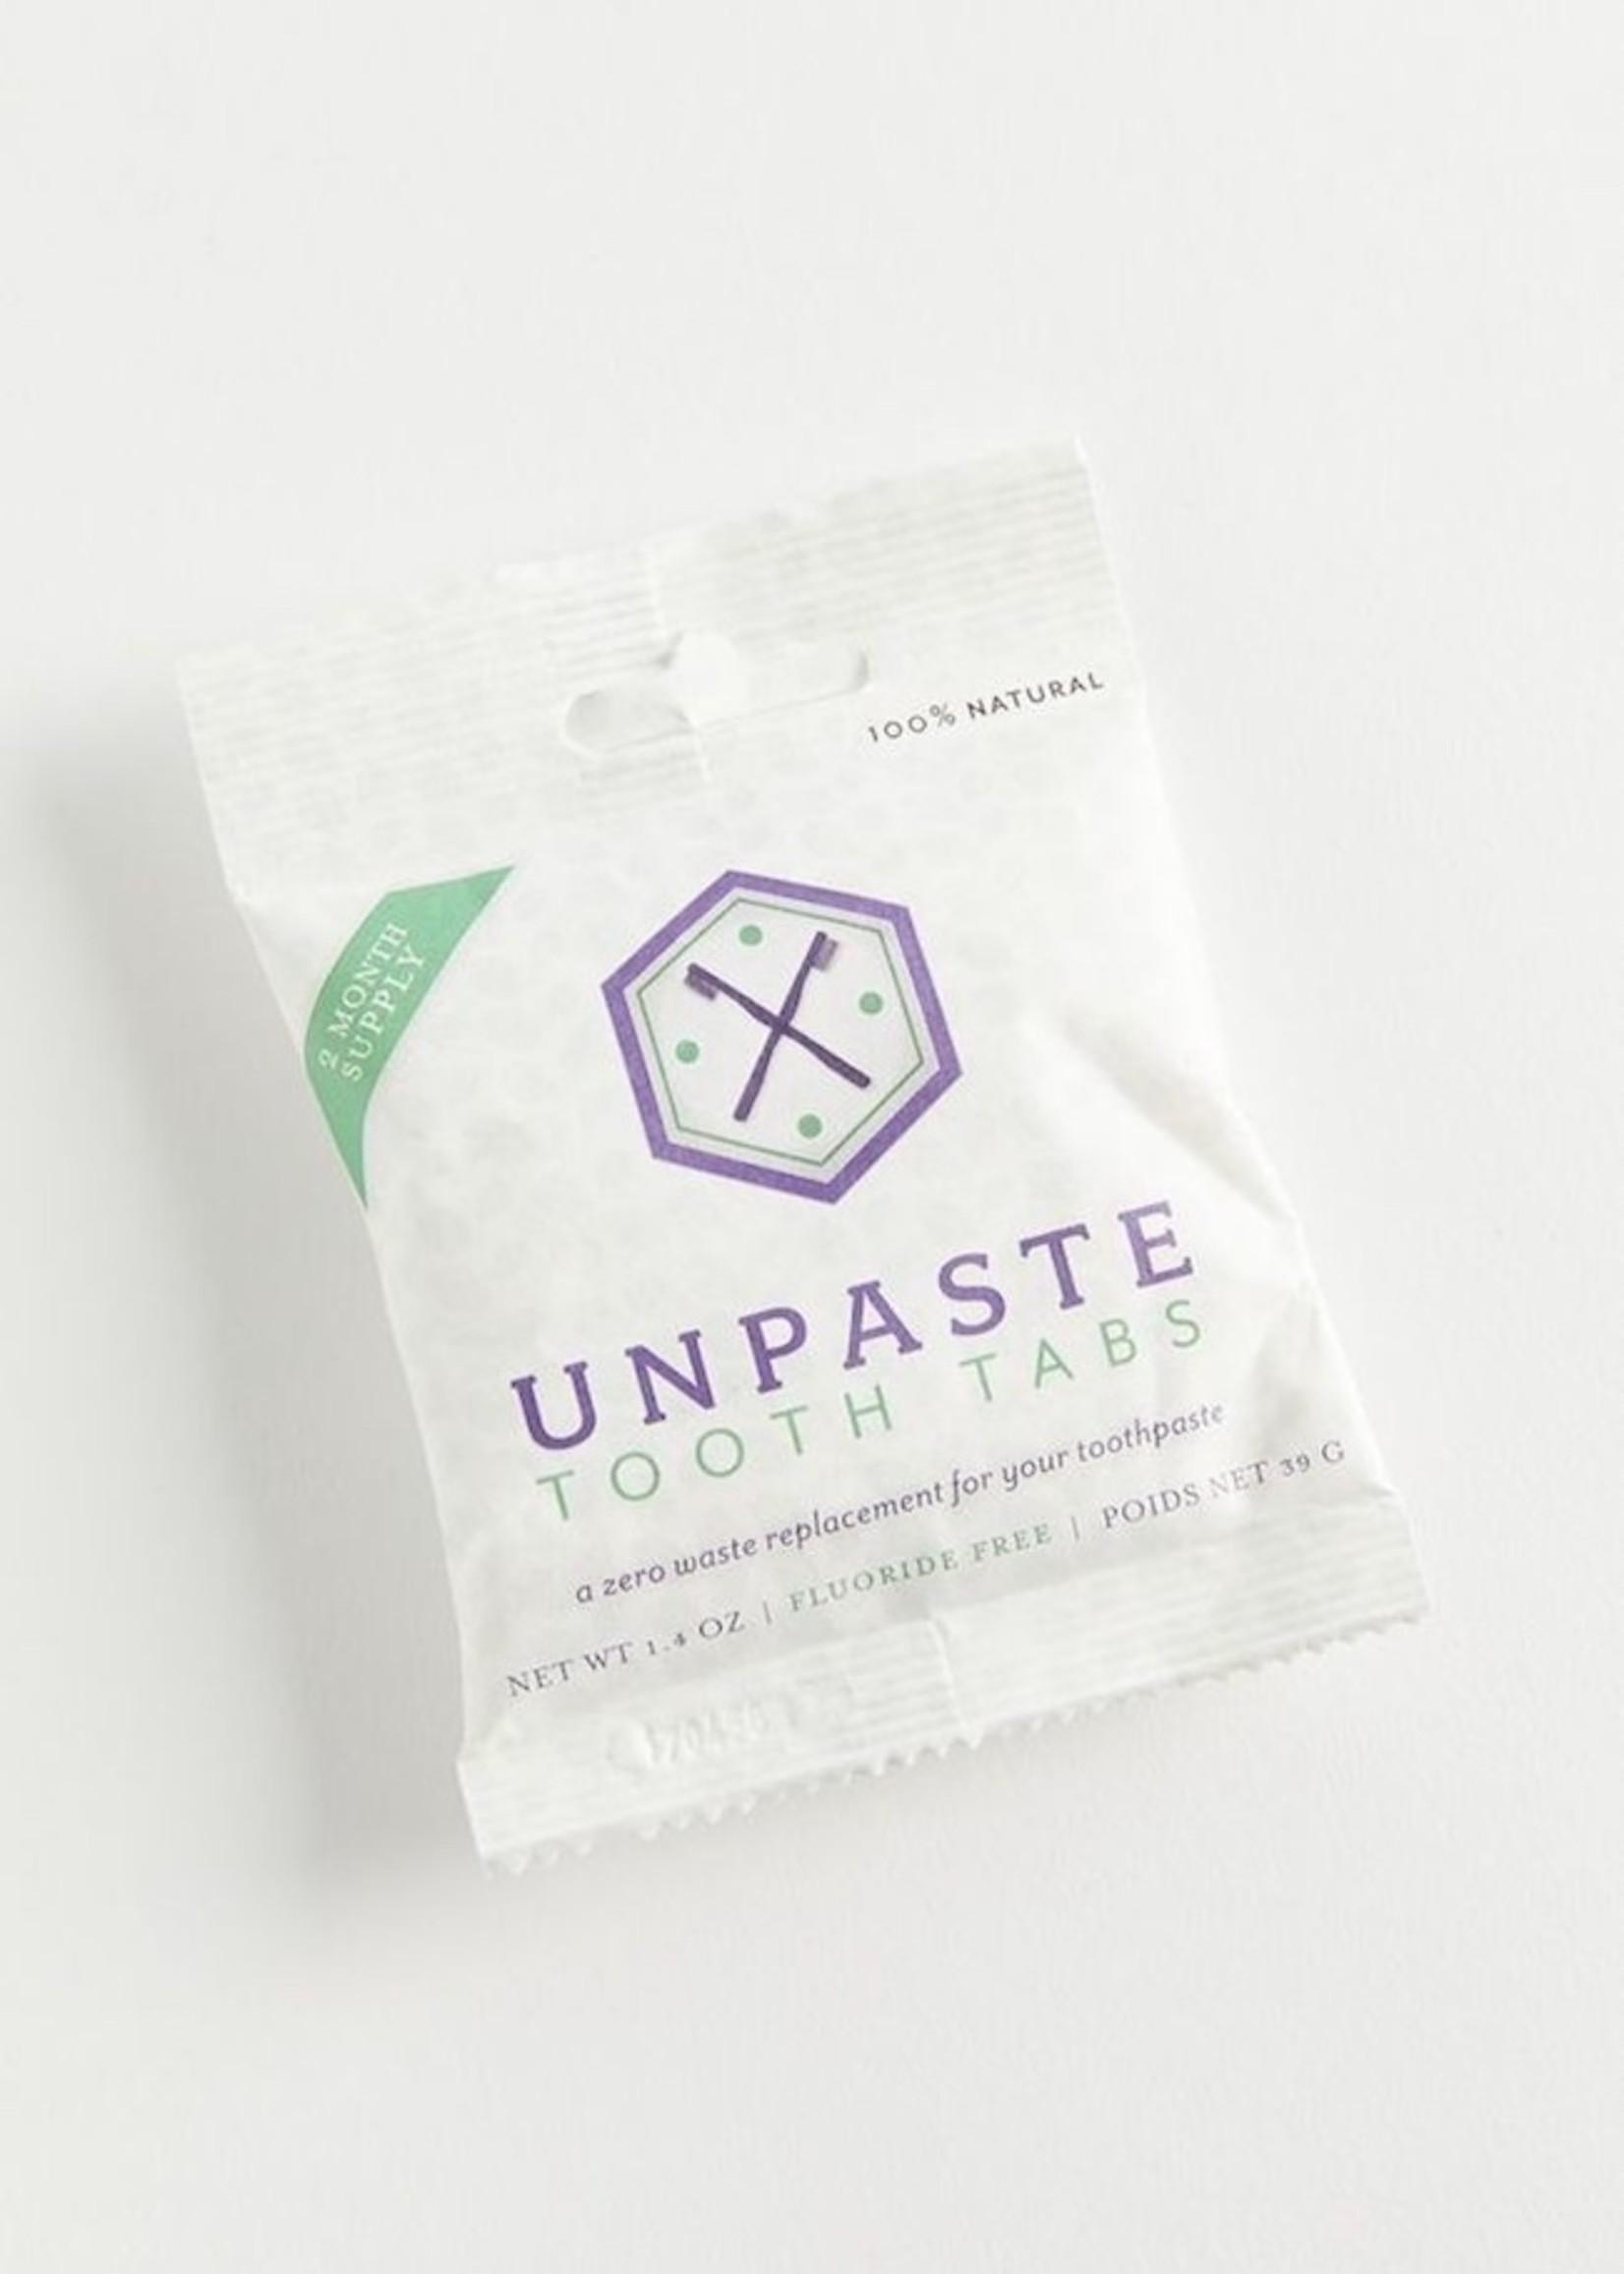 Unpaste Flouride Free Unpaste Tabs 1oz (about 100 tabs)